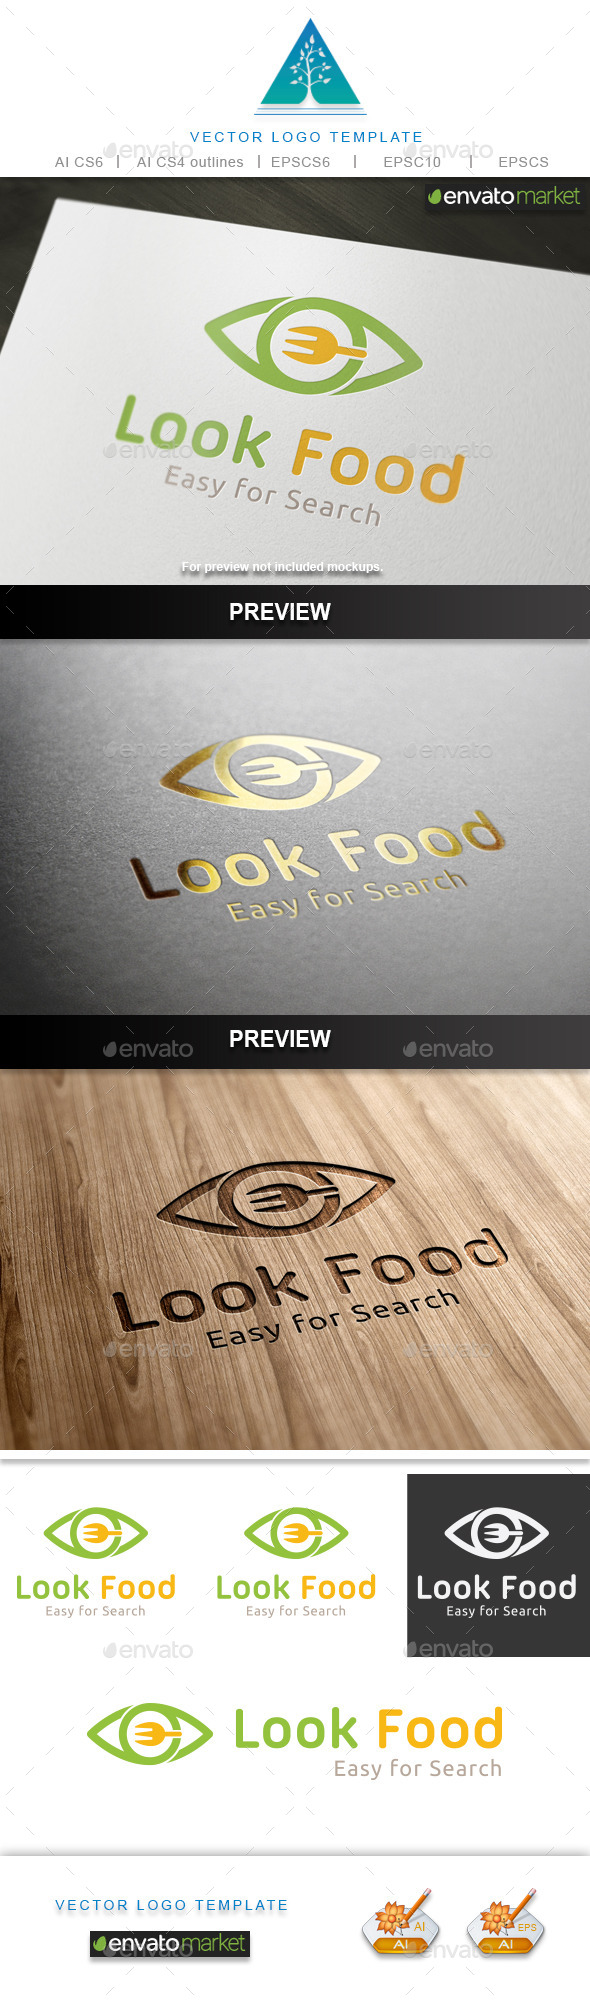 GraphicRiver Look Food Logo 9840010